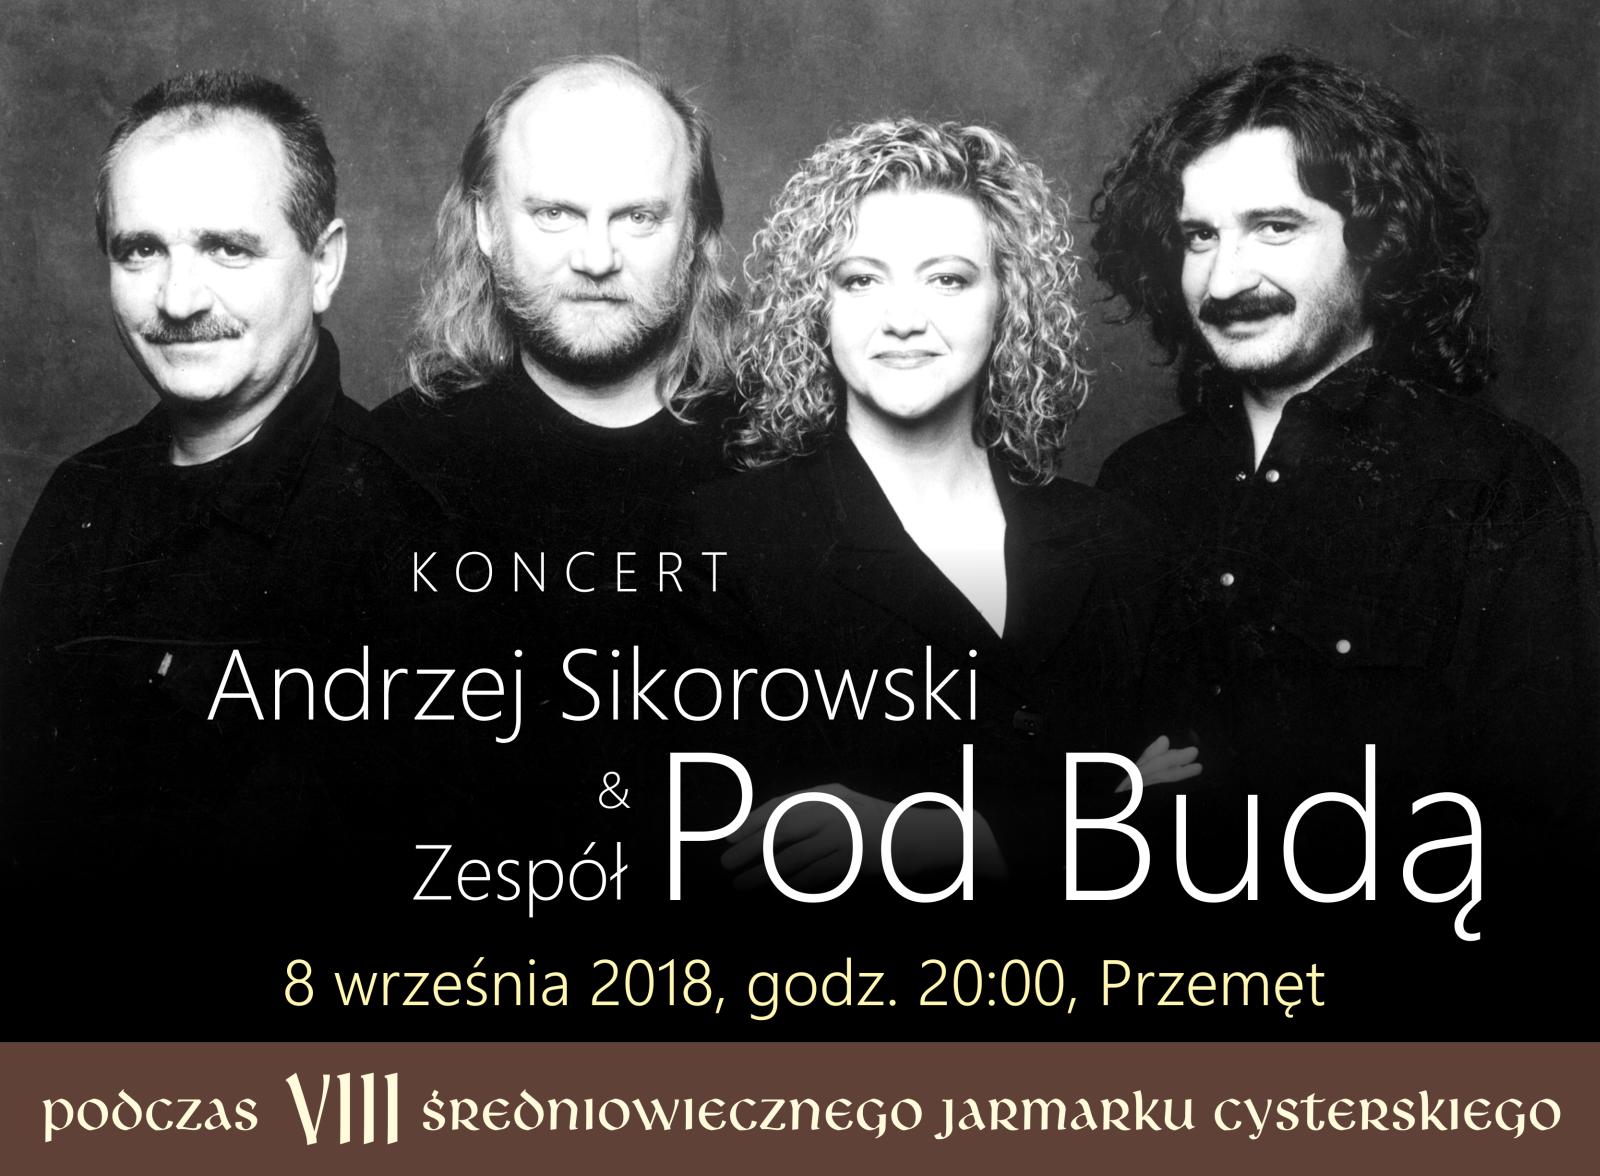 Andrzej Sikorowski i Zespół Pod Budą na przemęckim jarmarku